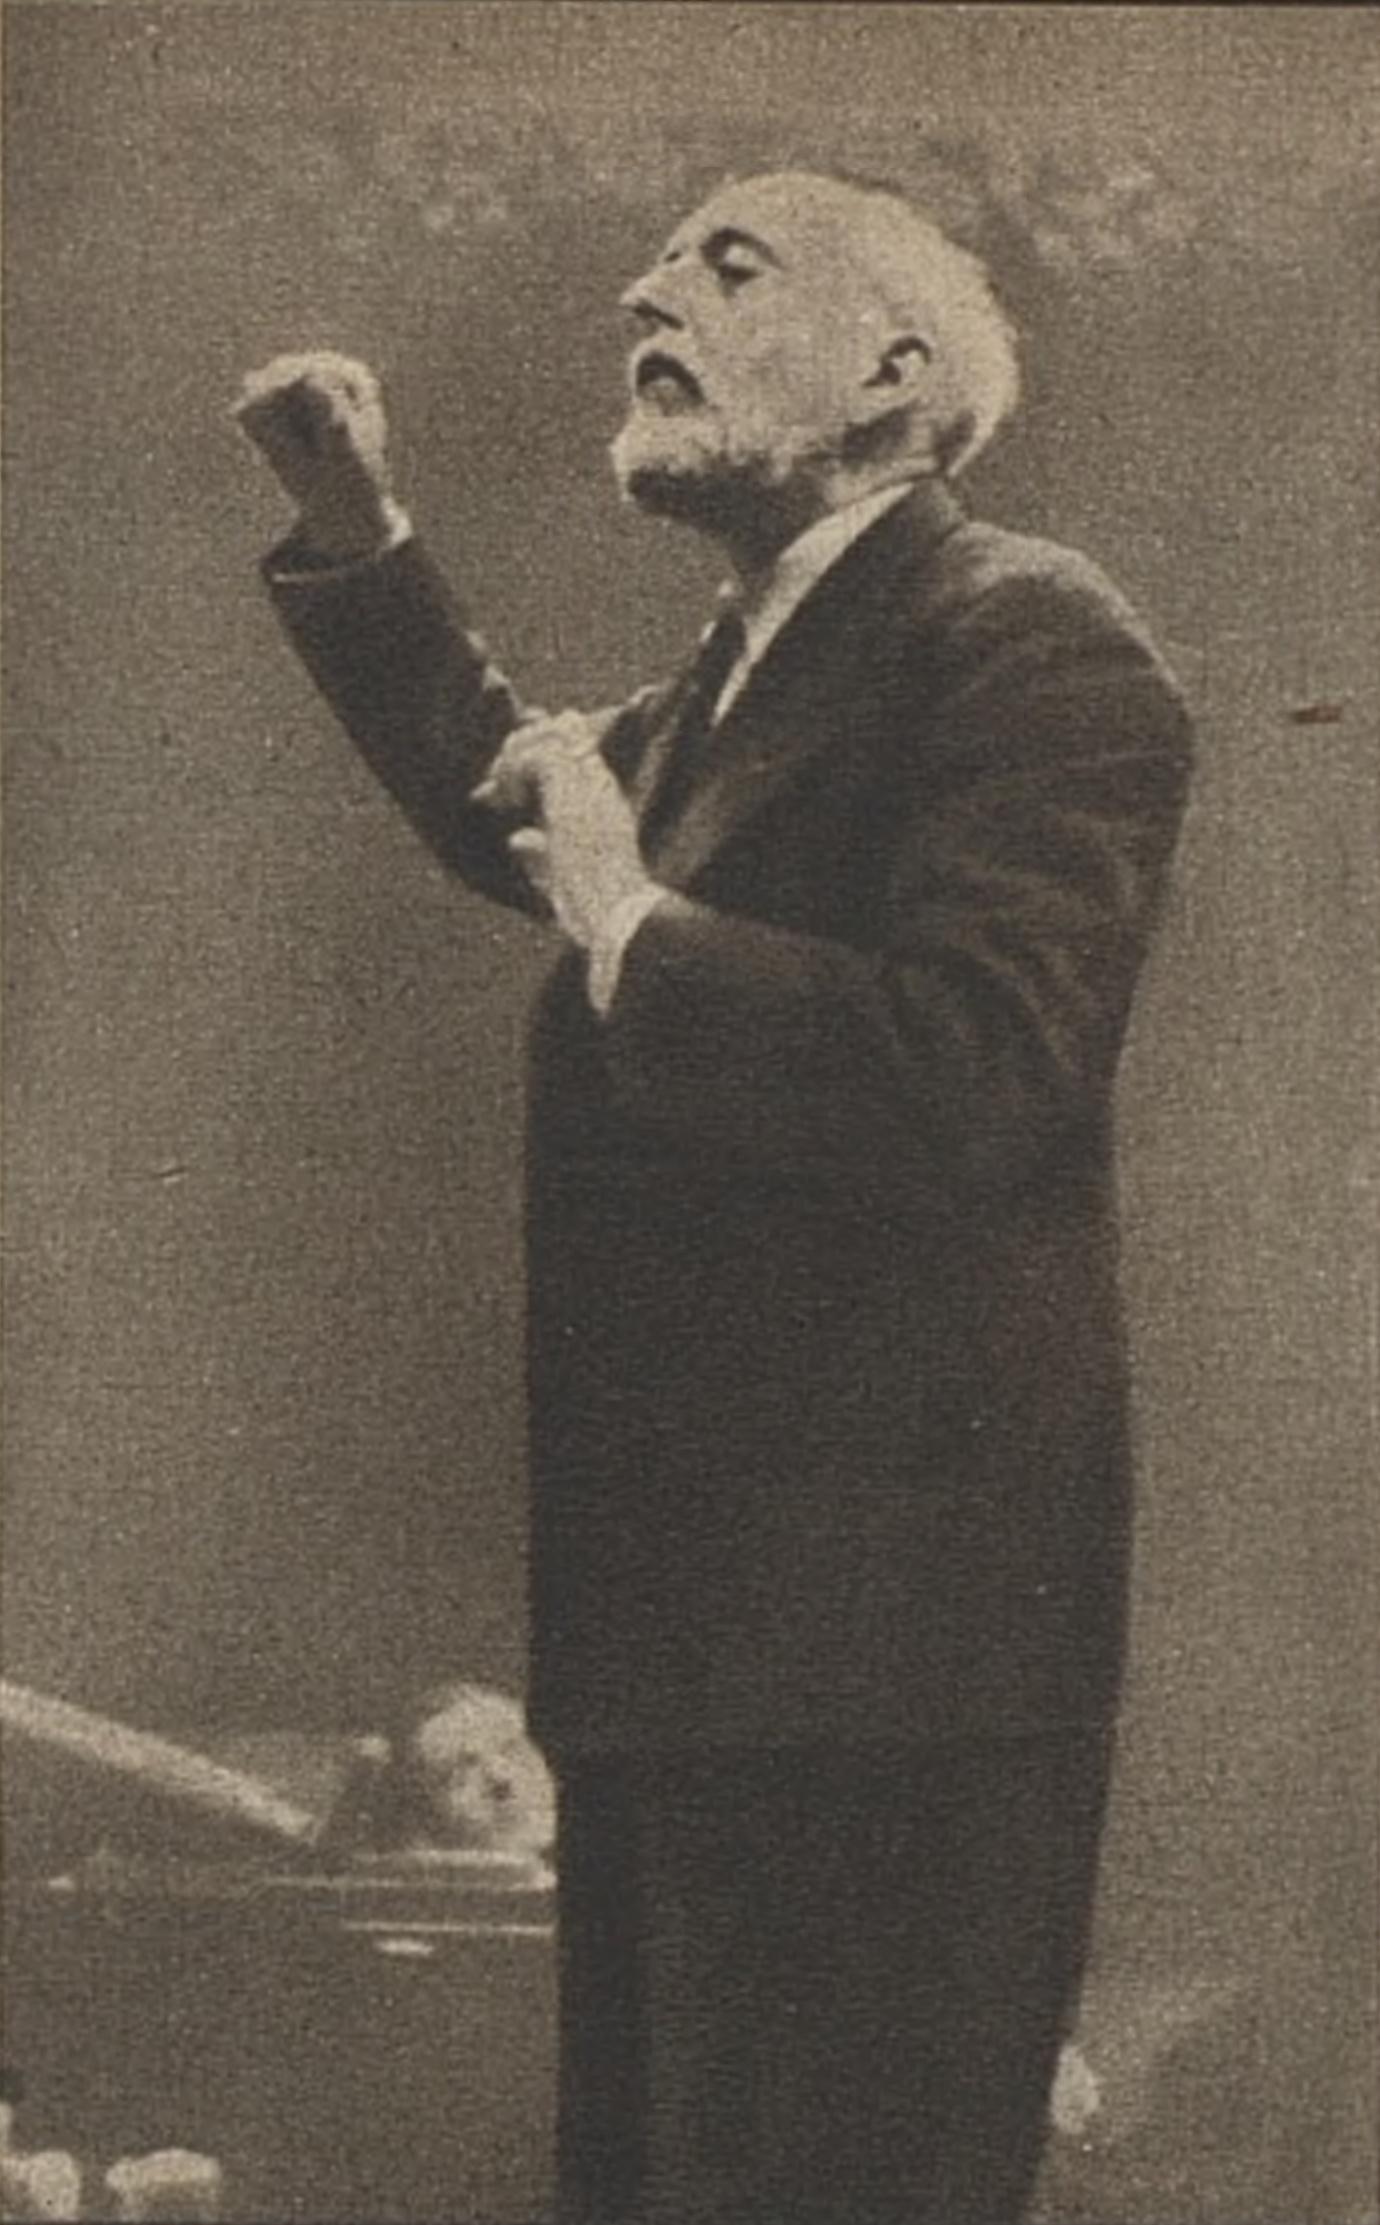 Ernest Ansermet en 1945, photo F.Bertrand, portrait publié dans la revue L'Illustré du 18 octobre 1945, No 42, page 21